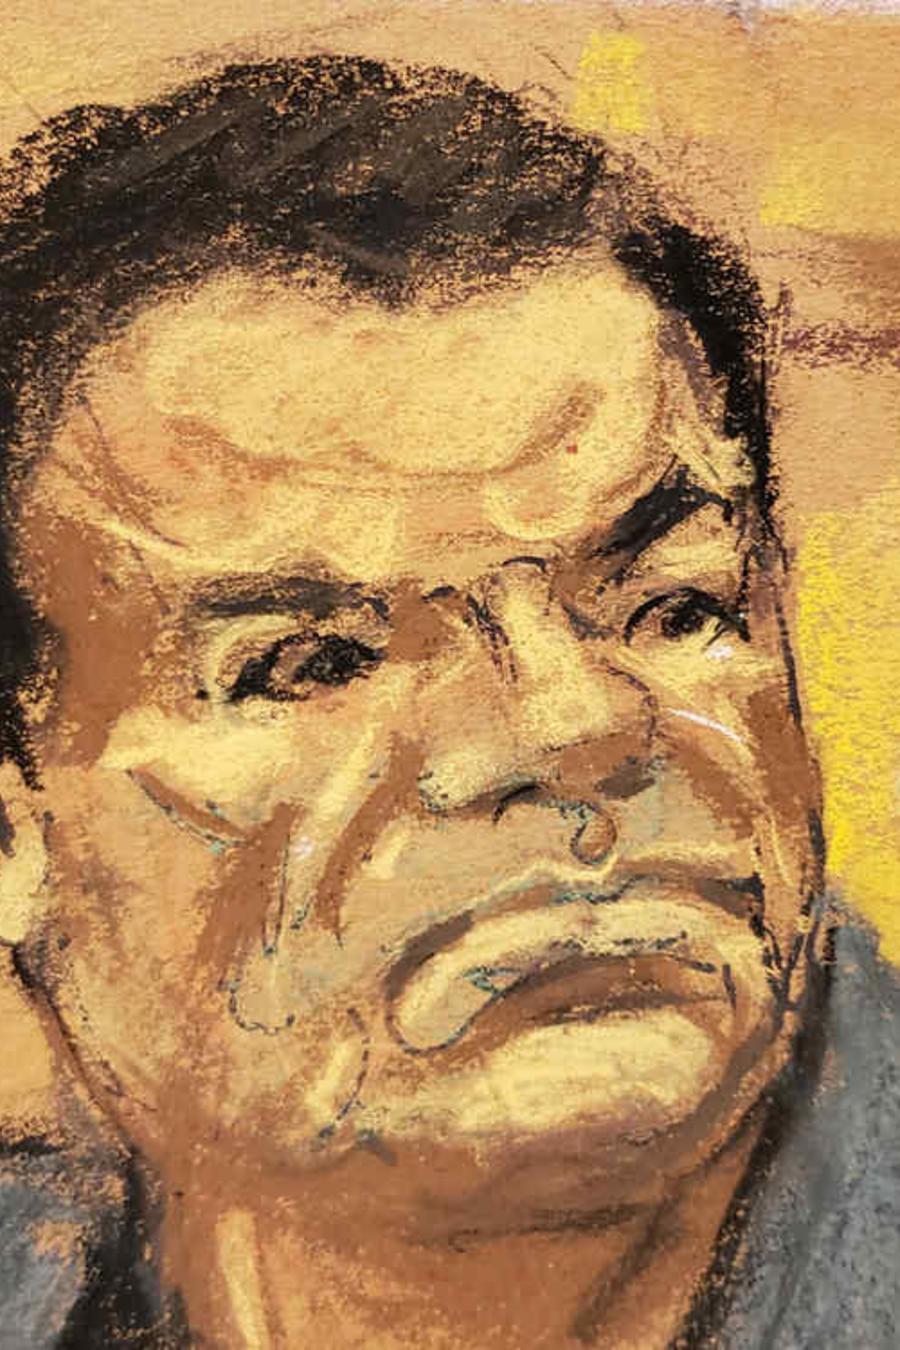 Un sckecht de El Chapo en el juicio en su contra.